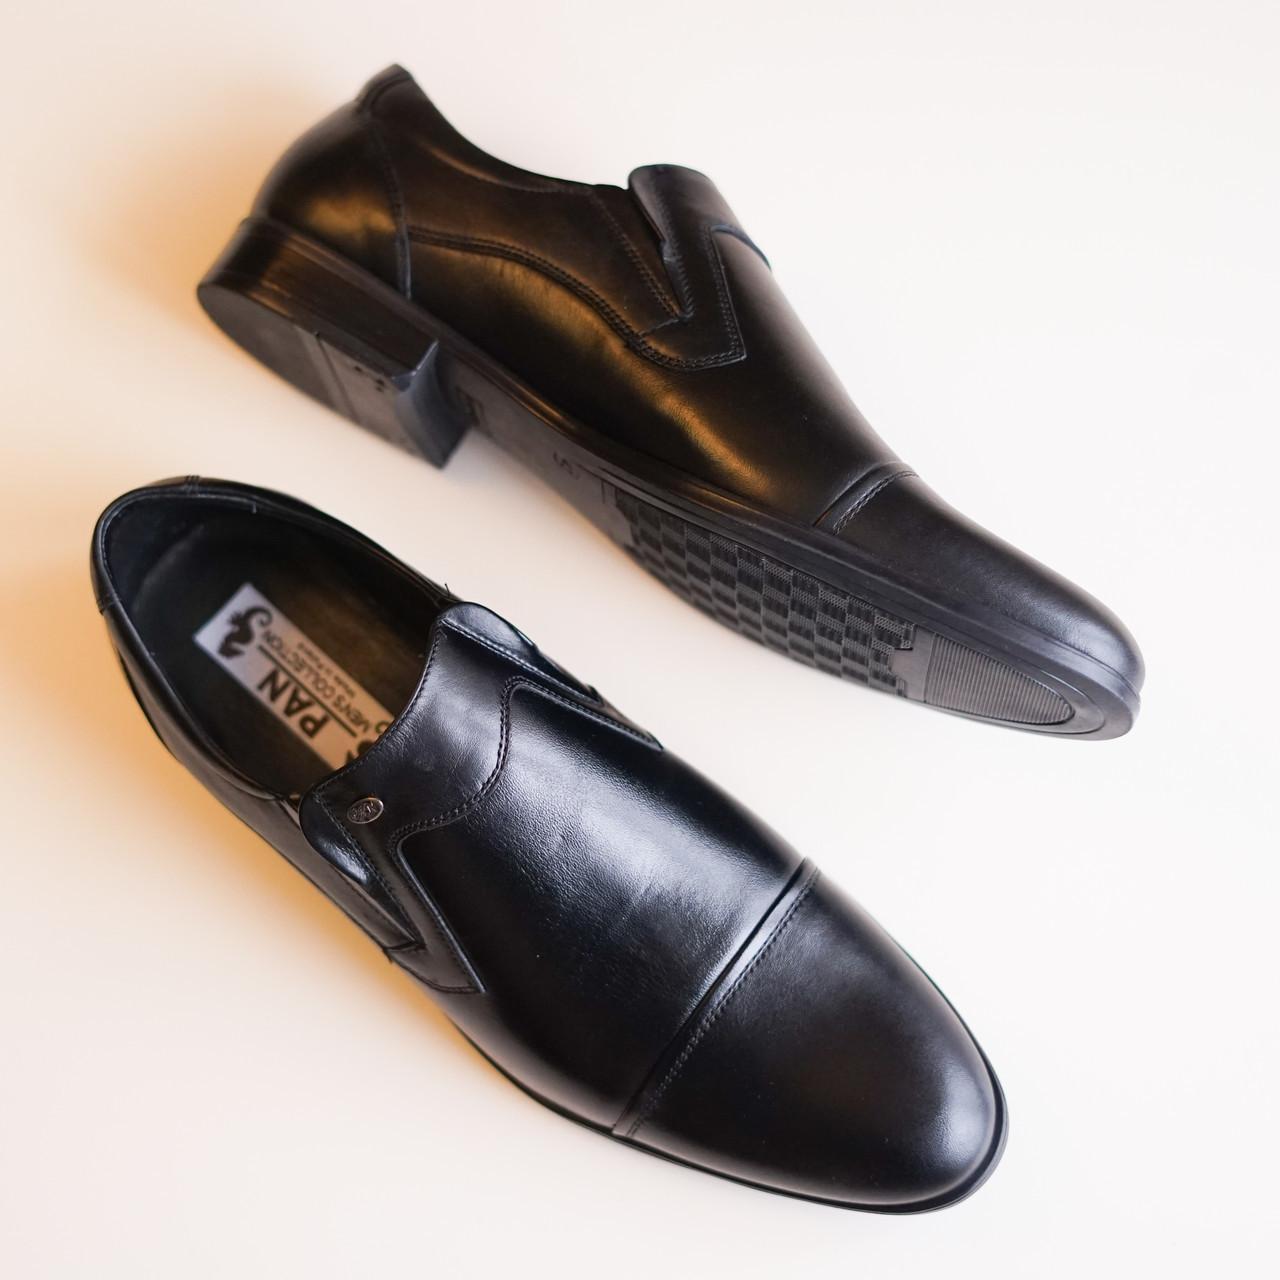 Чорні шкіряні туфлі Pan 304